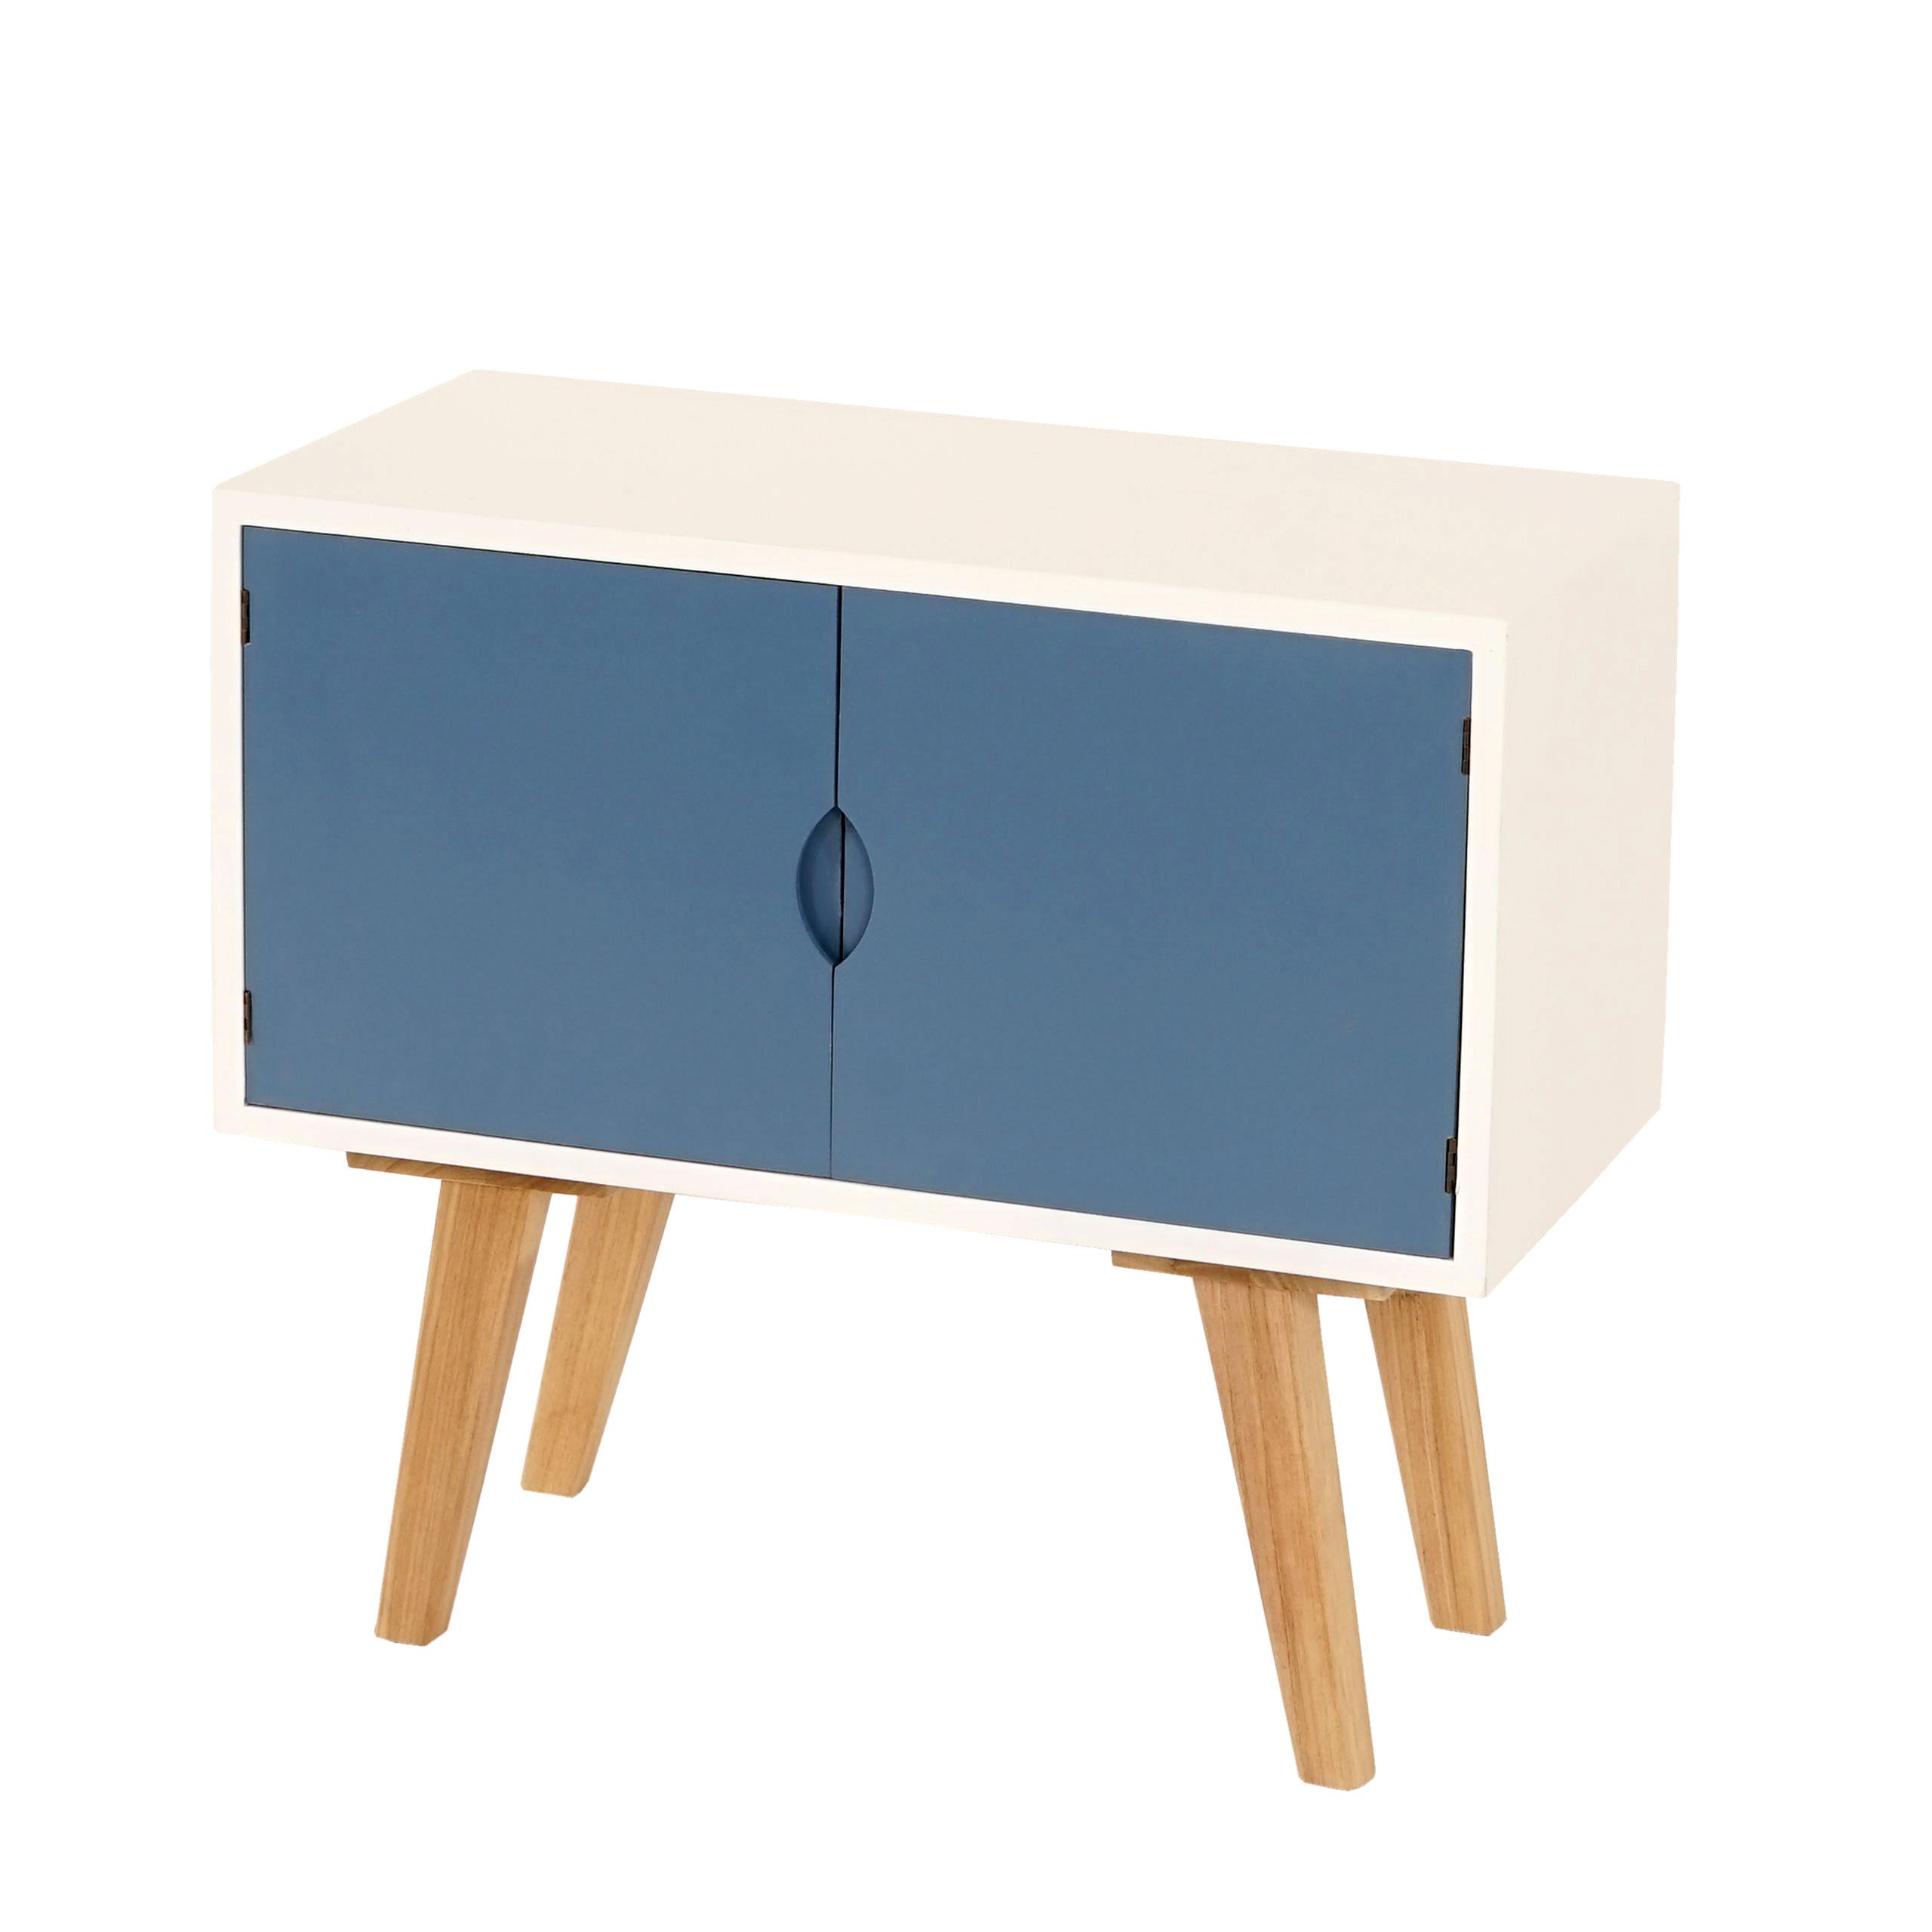 kommode vaasa t267 schrank beistelltisch retro design 60x30x55cm blaue front. Black Bedroom Furniture Sets. Home Design Ideas